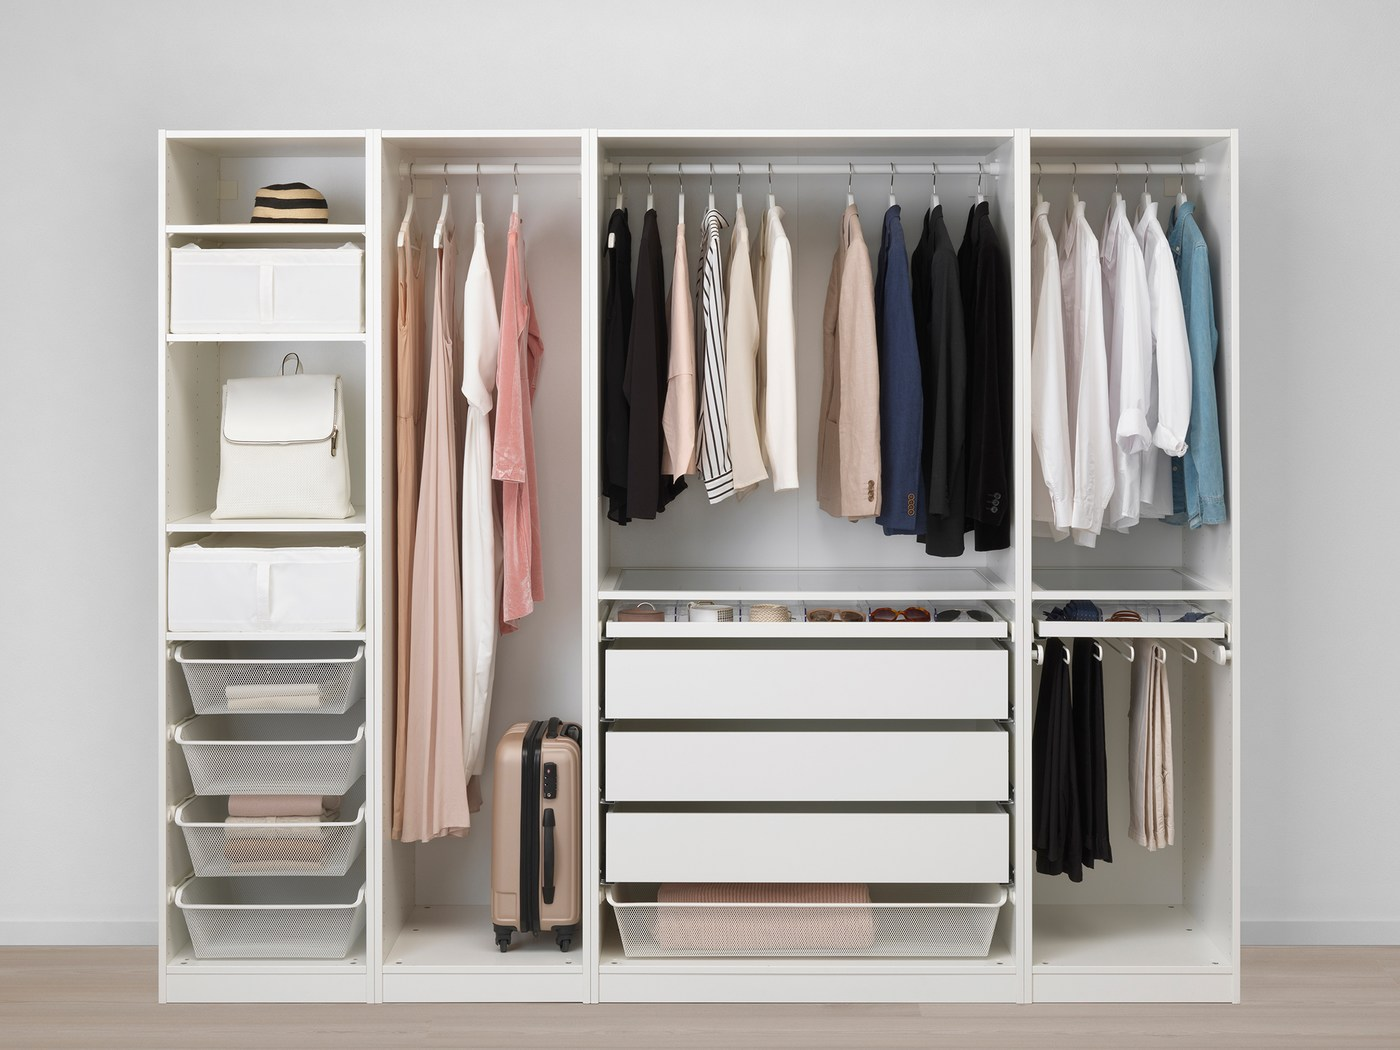 Planification Ikea De Outils Outils De Planification 6yIf7gYbv